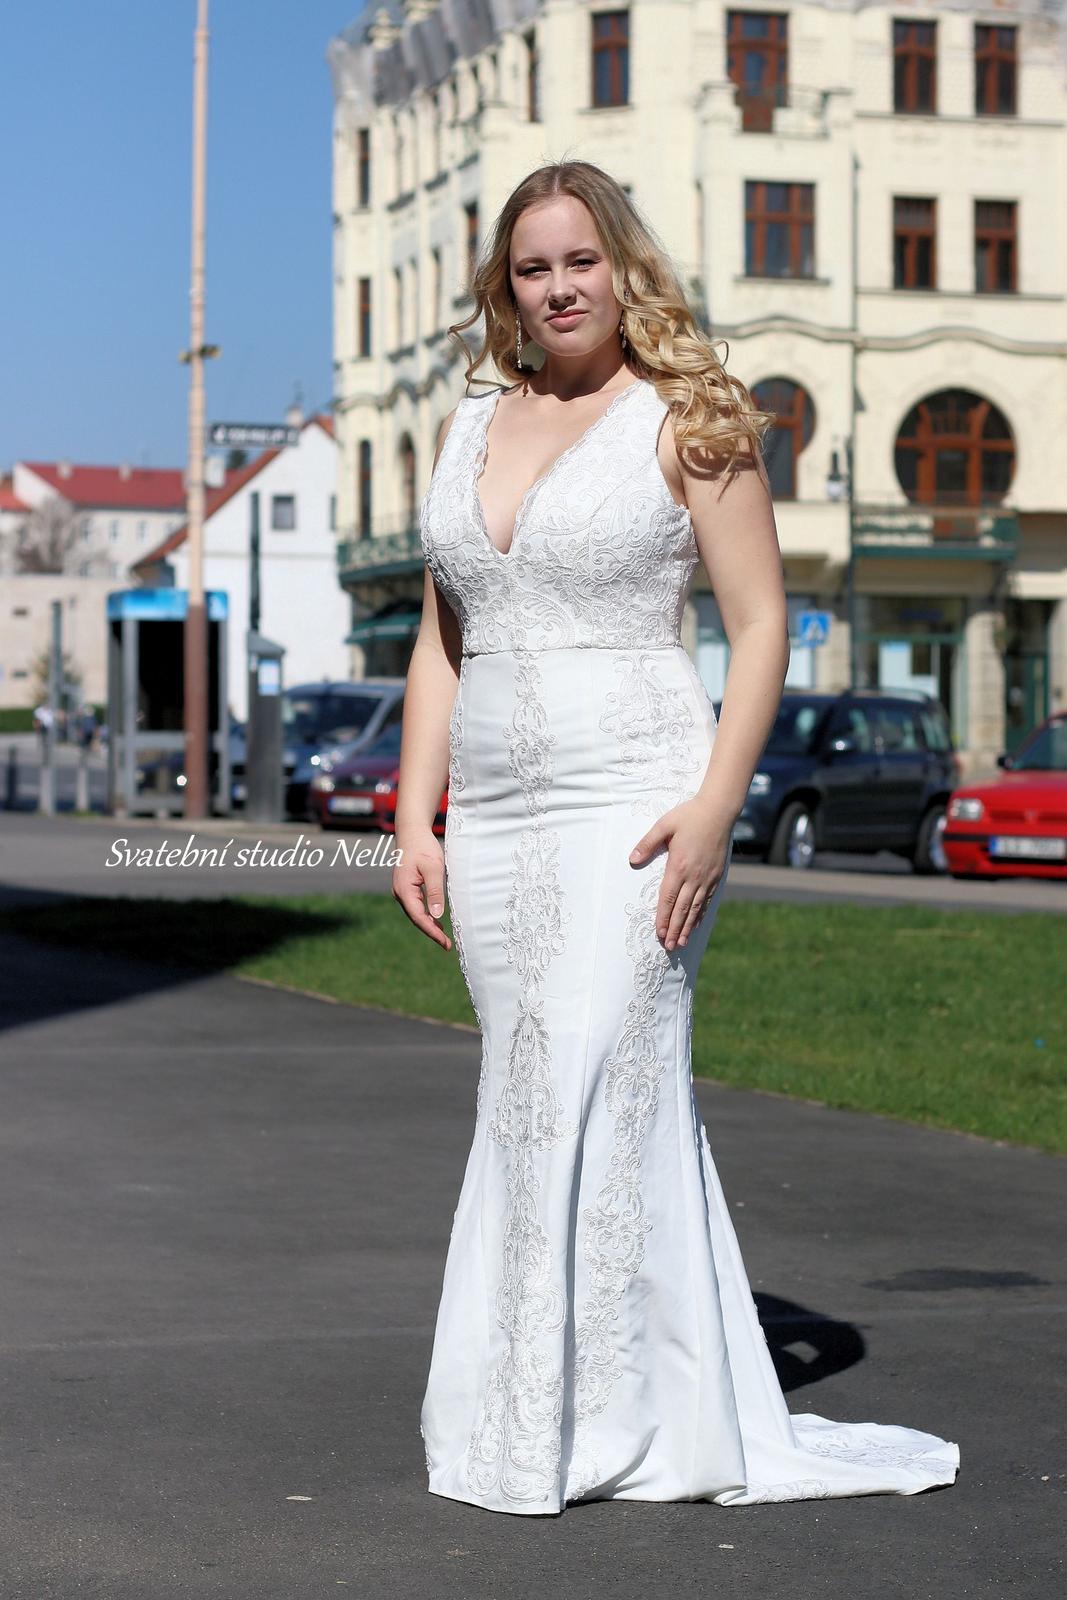 Svatební šaty styl BOHO - Svatební šaty  www.svatebninella.cz